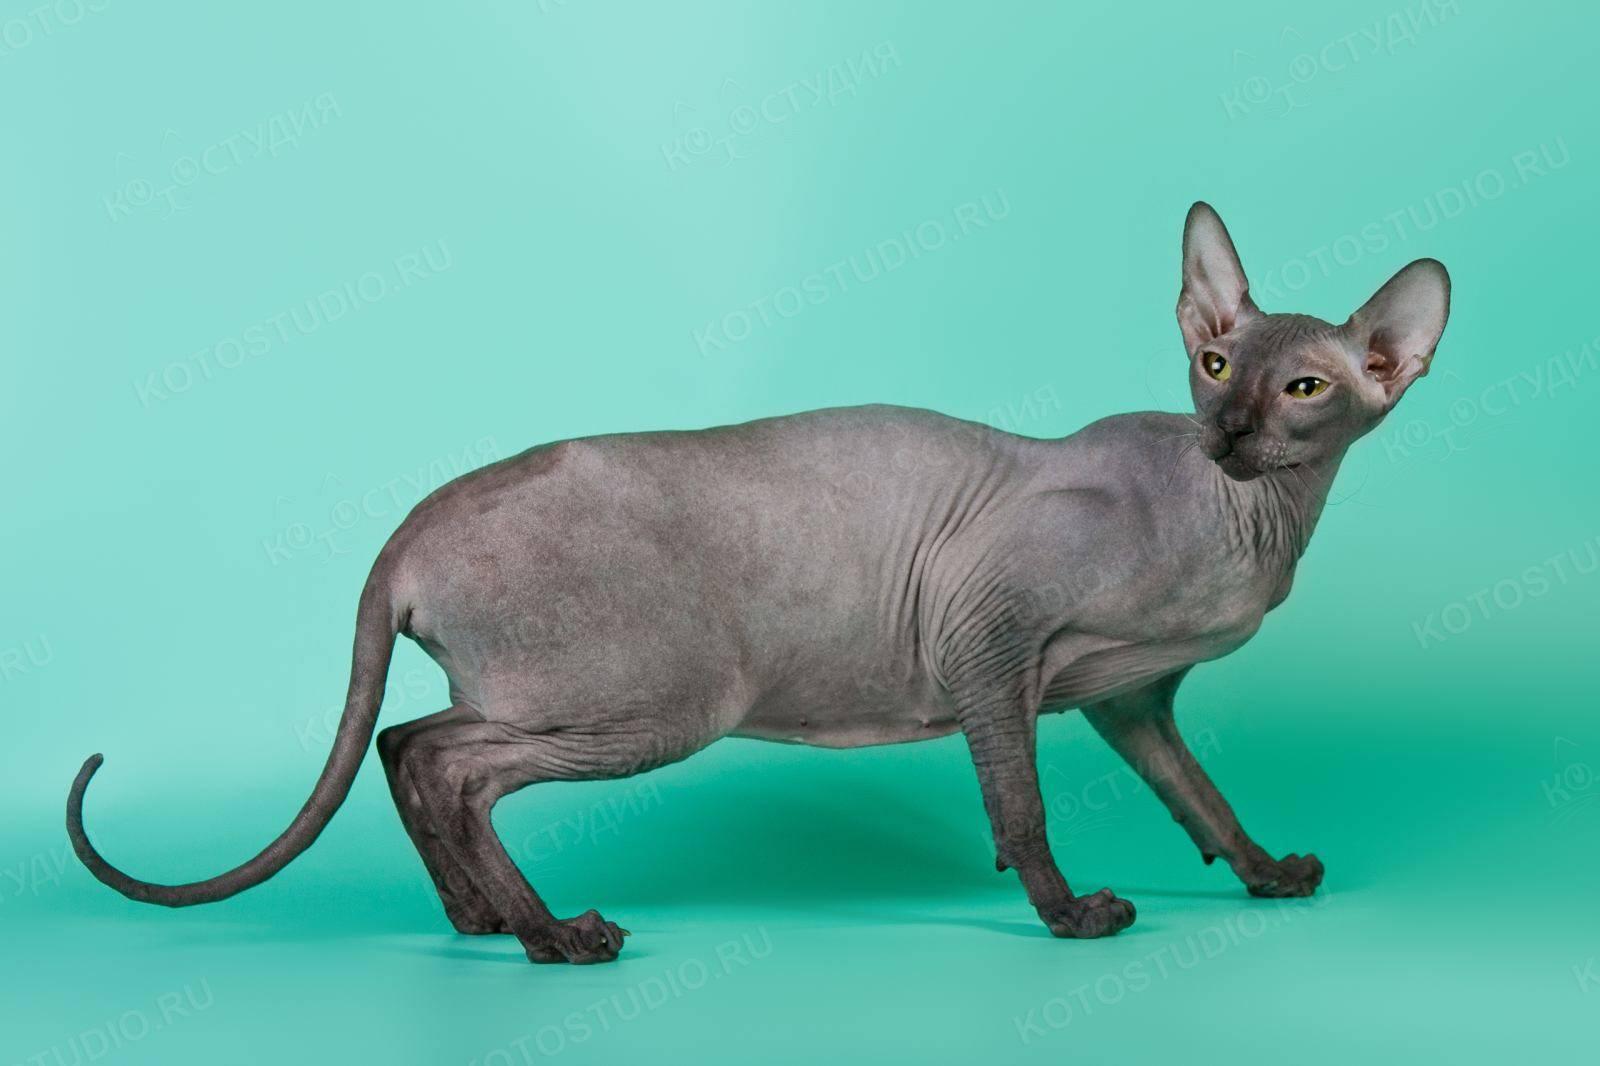 Петерболд (фото): грациозный кошачий сфинкс с берегов невы - kot-pes